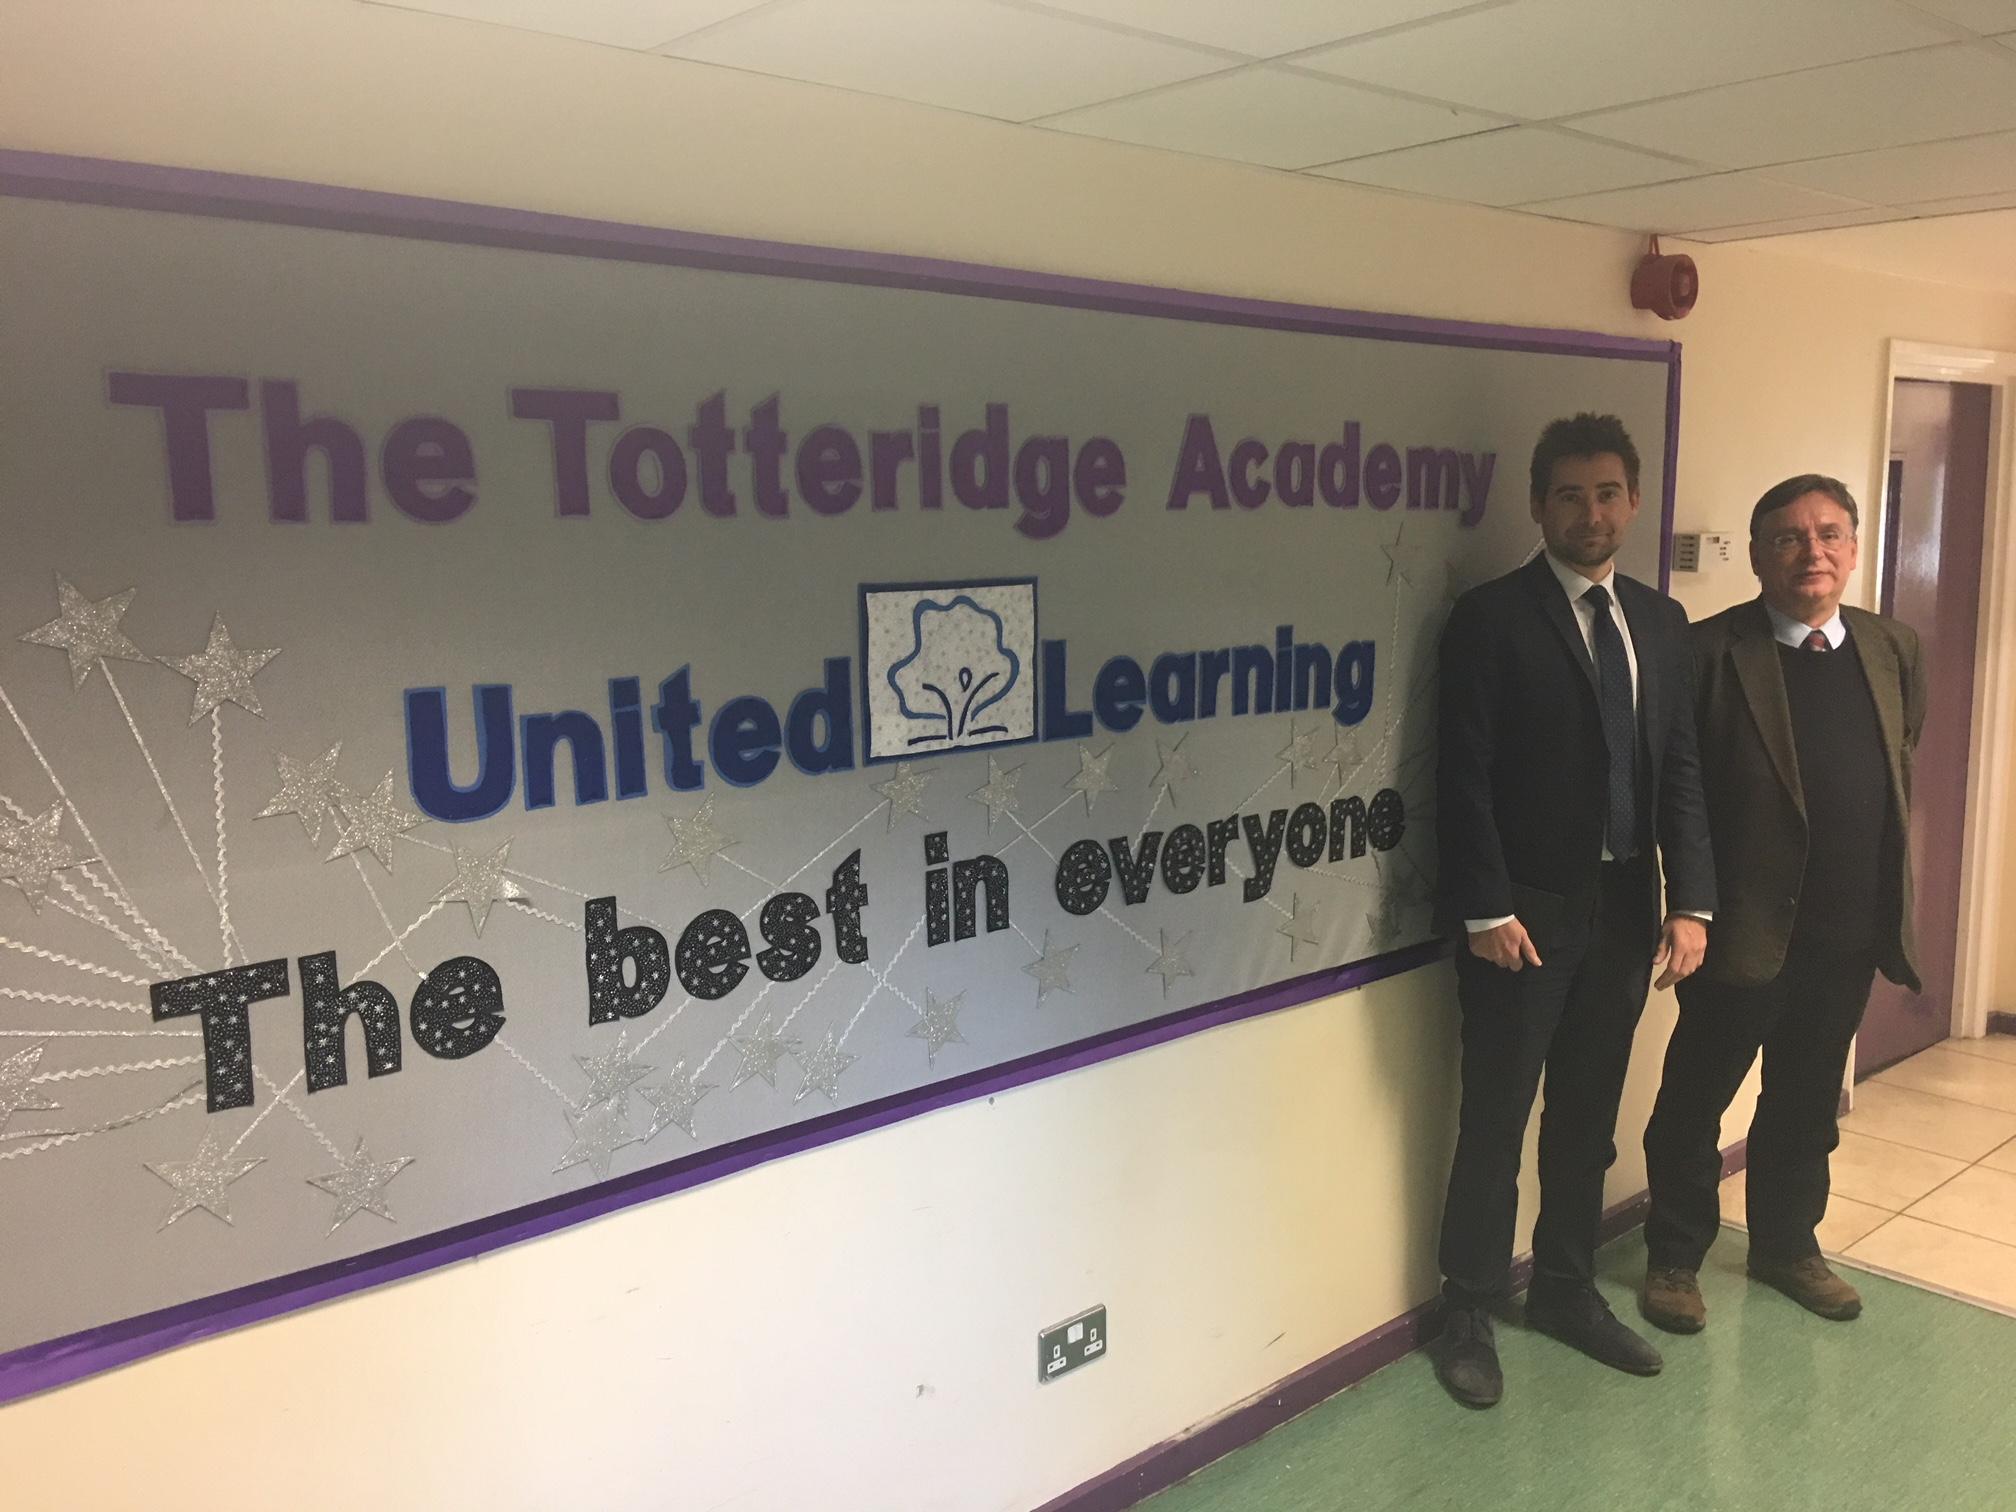 Totteridge Academy